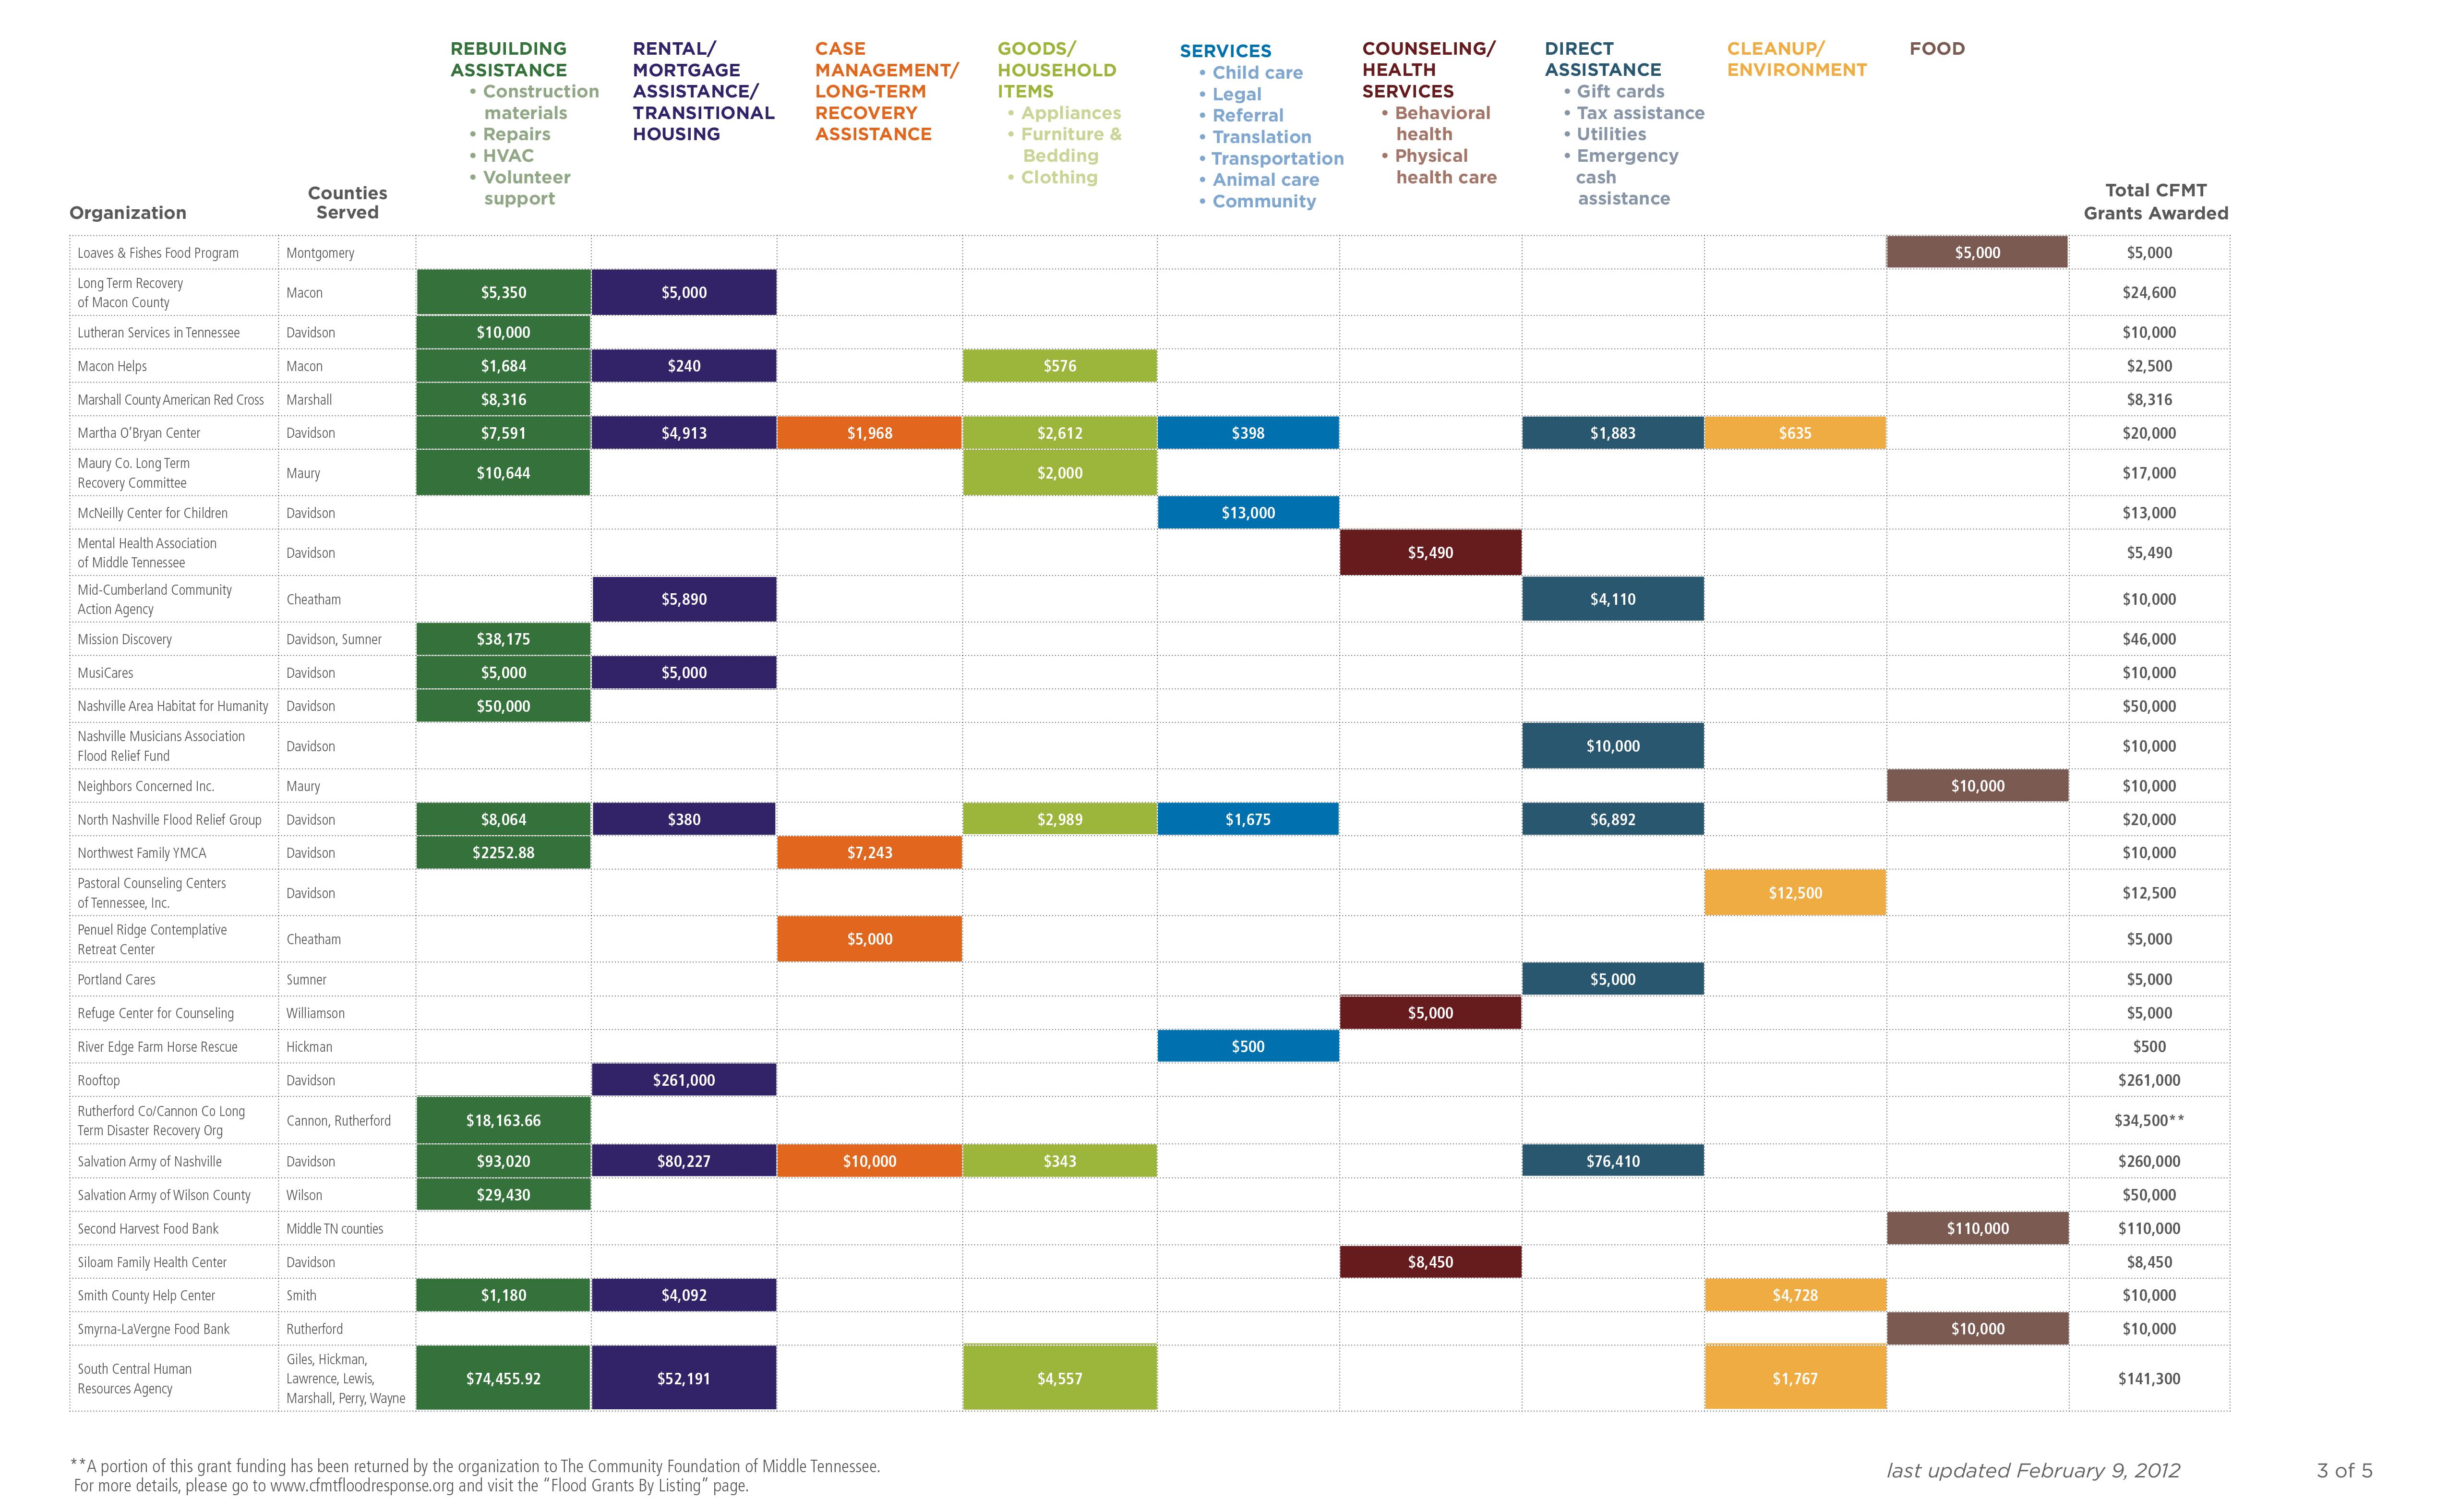 2012_Grantee_Chart_Broad_Categories_2-9-12-3